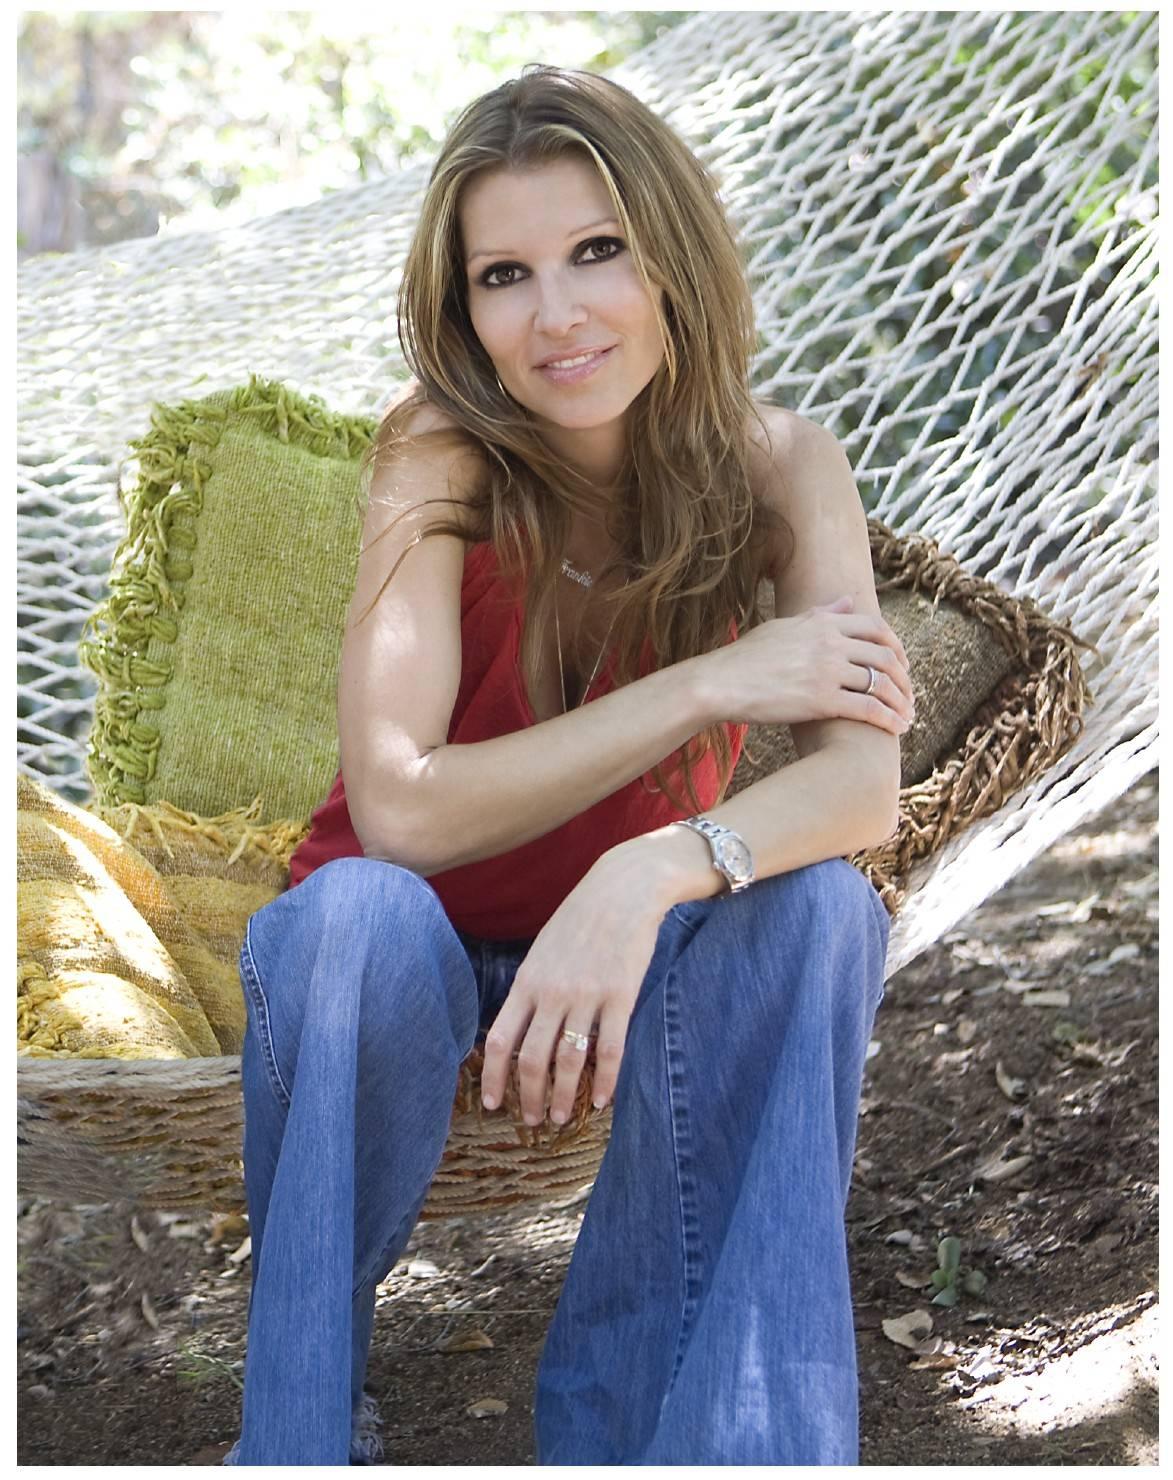 Daniella.picture